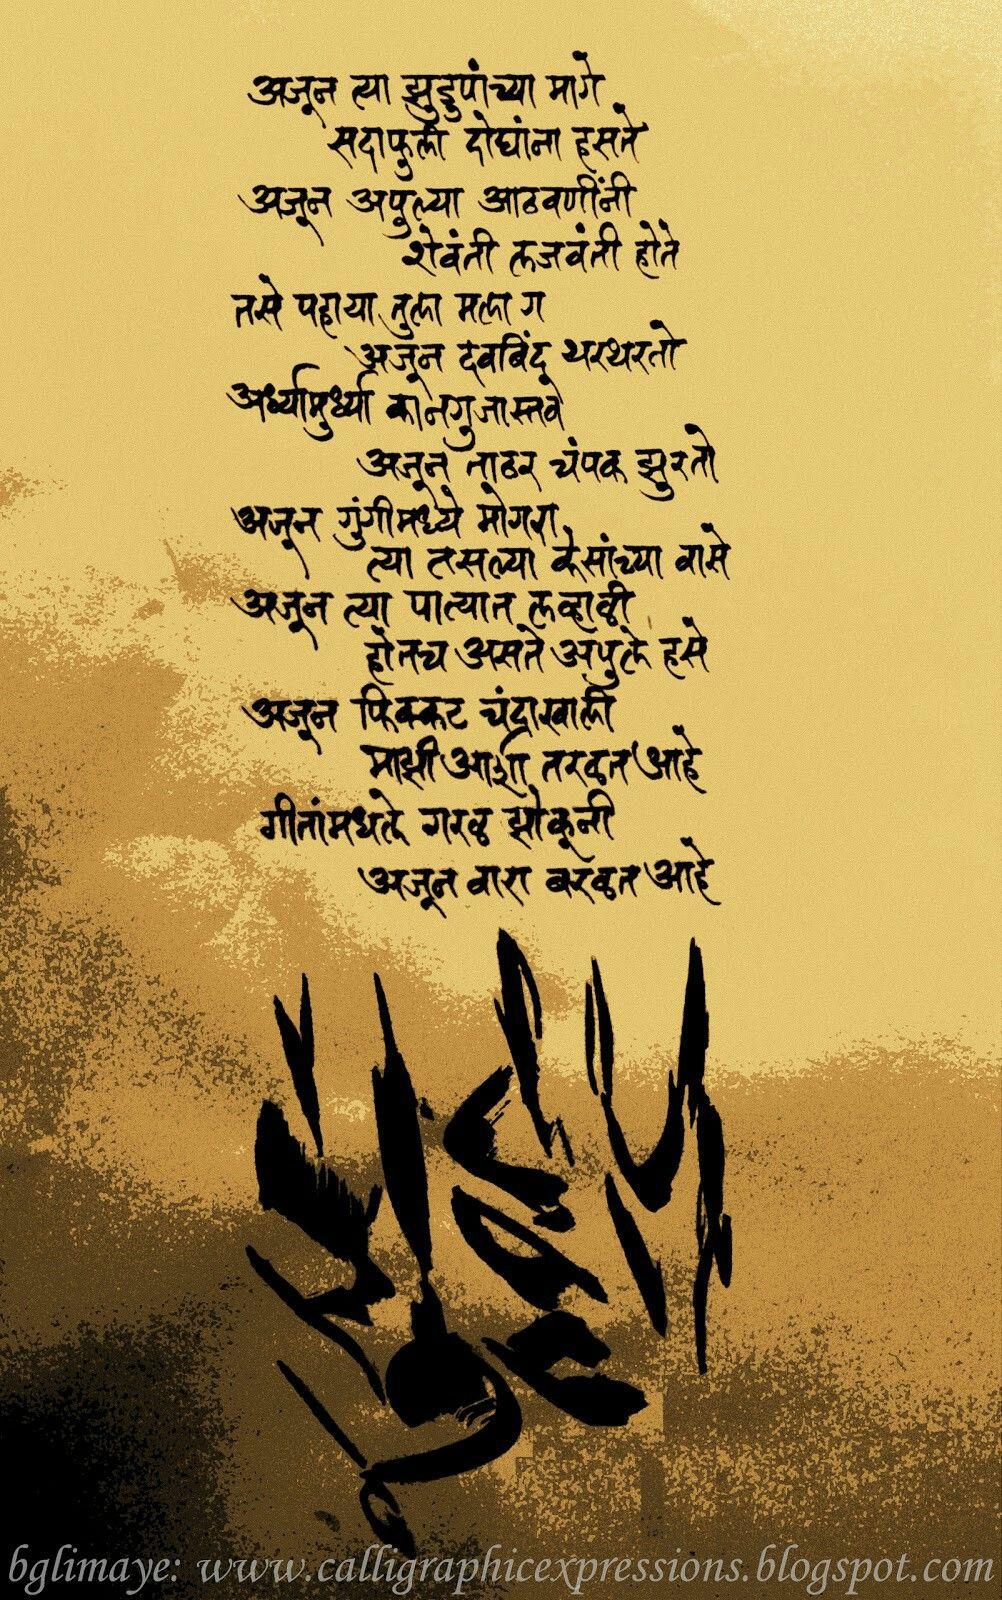 Rahul Panari: Nice Marathi Poem